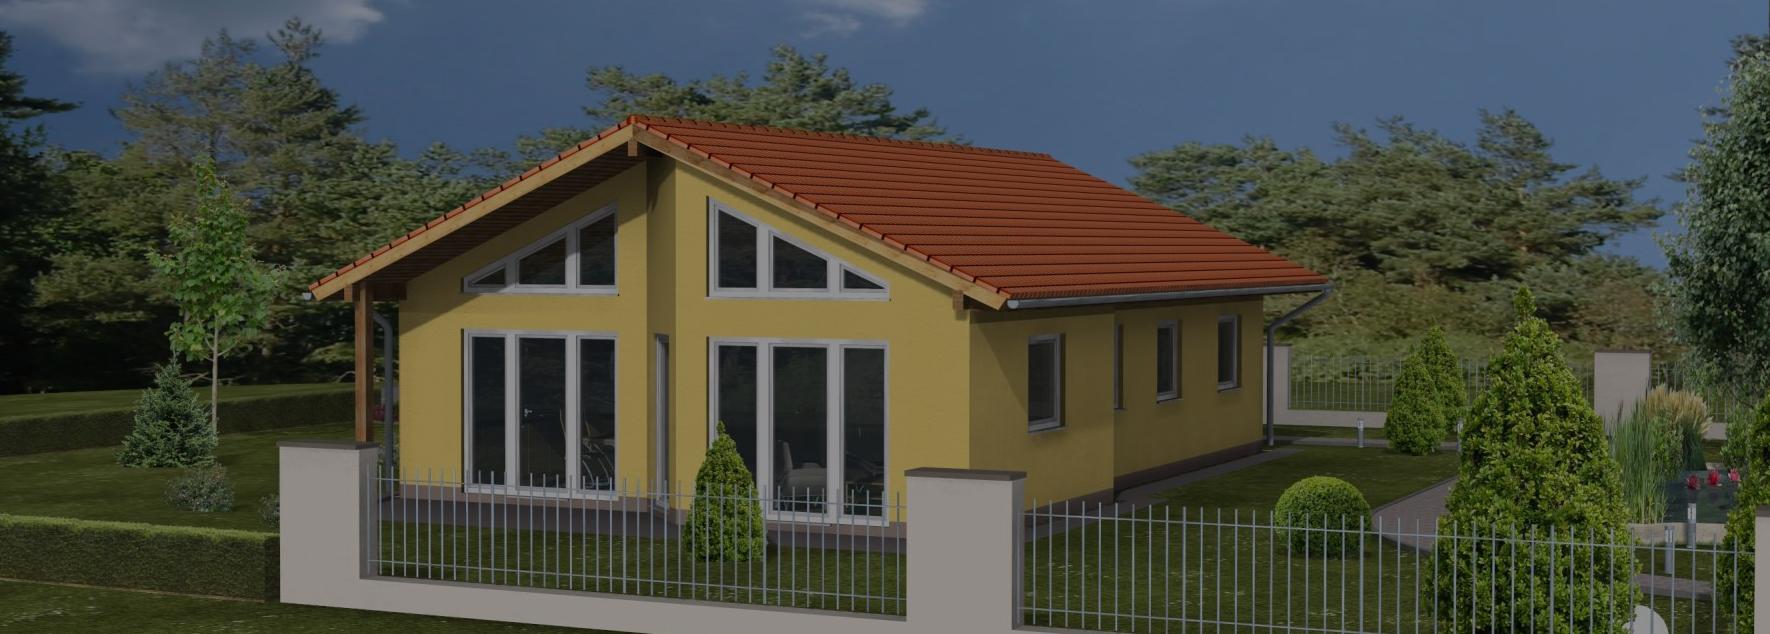 bungalowa1